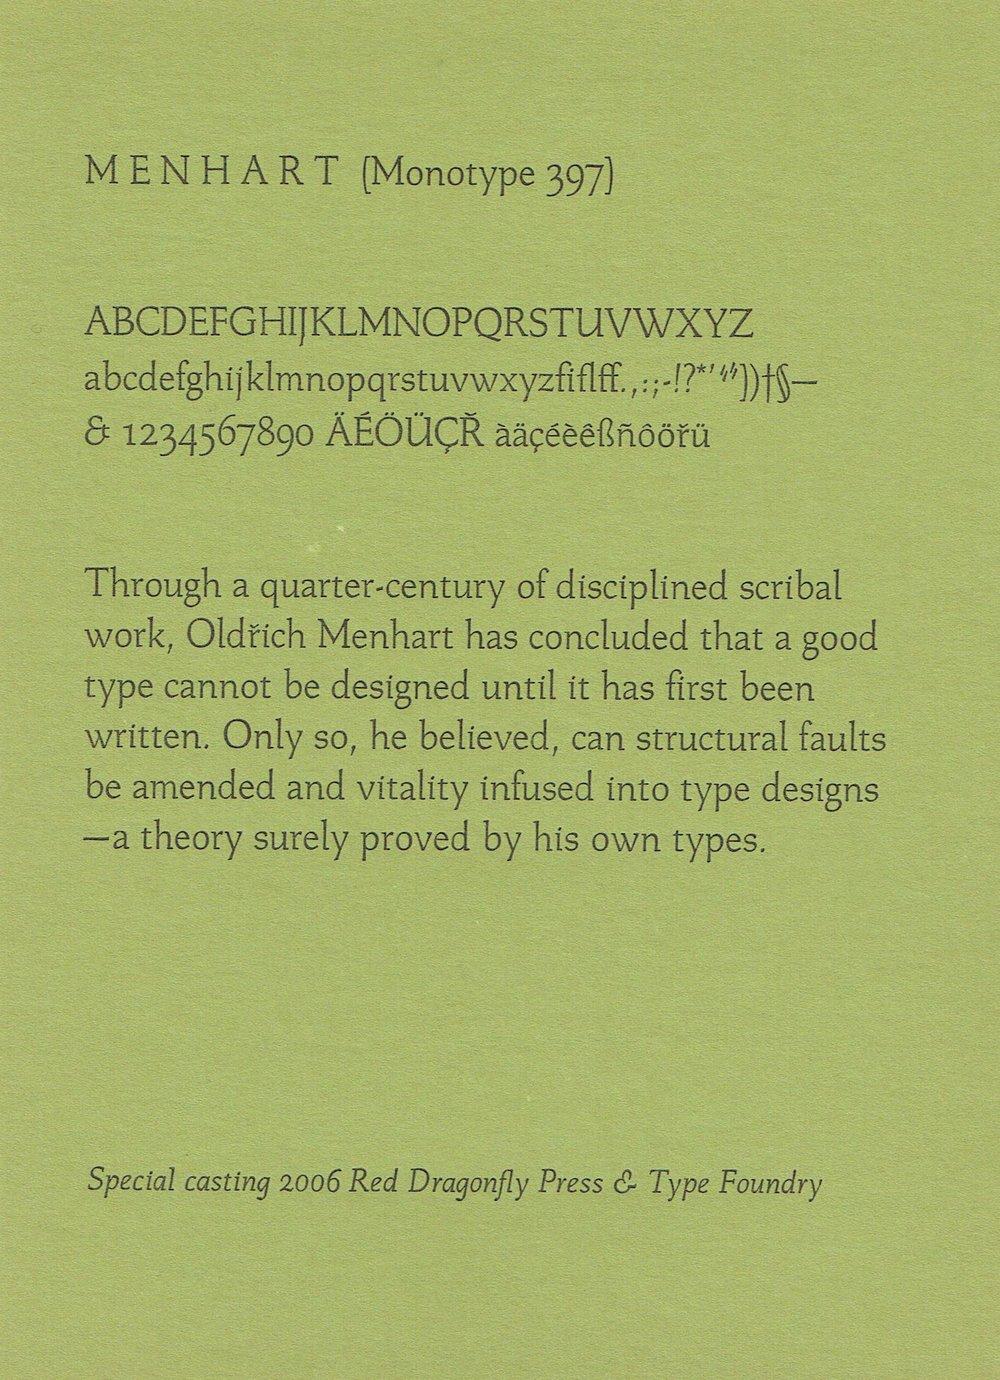 letterpress-007.jpg